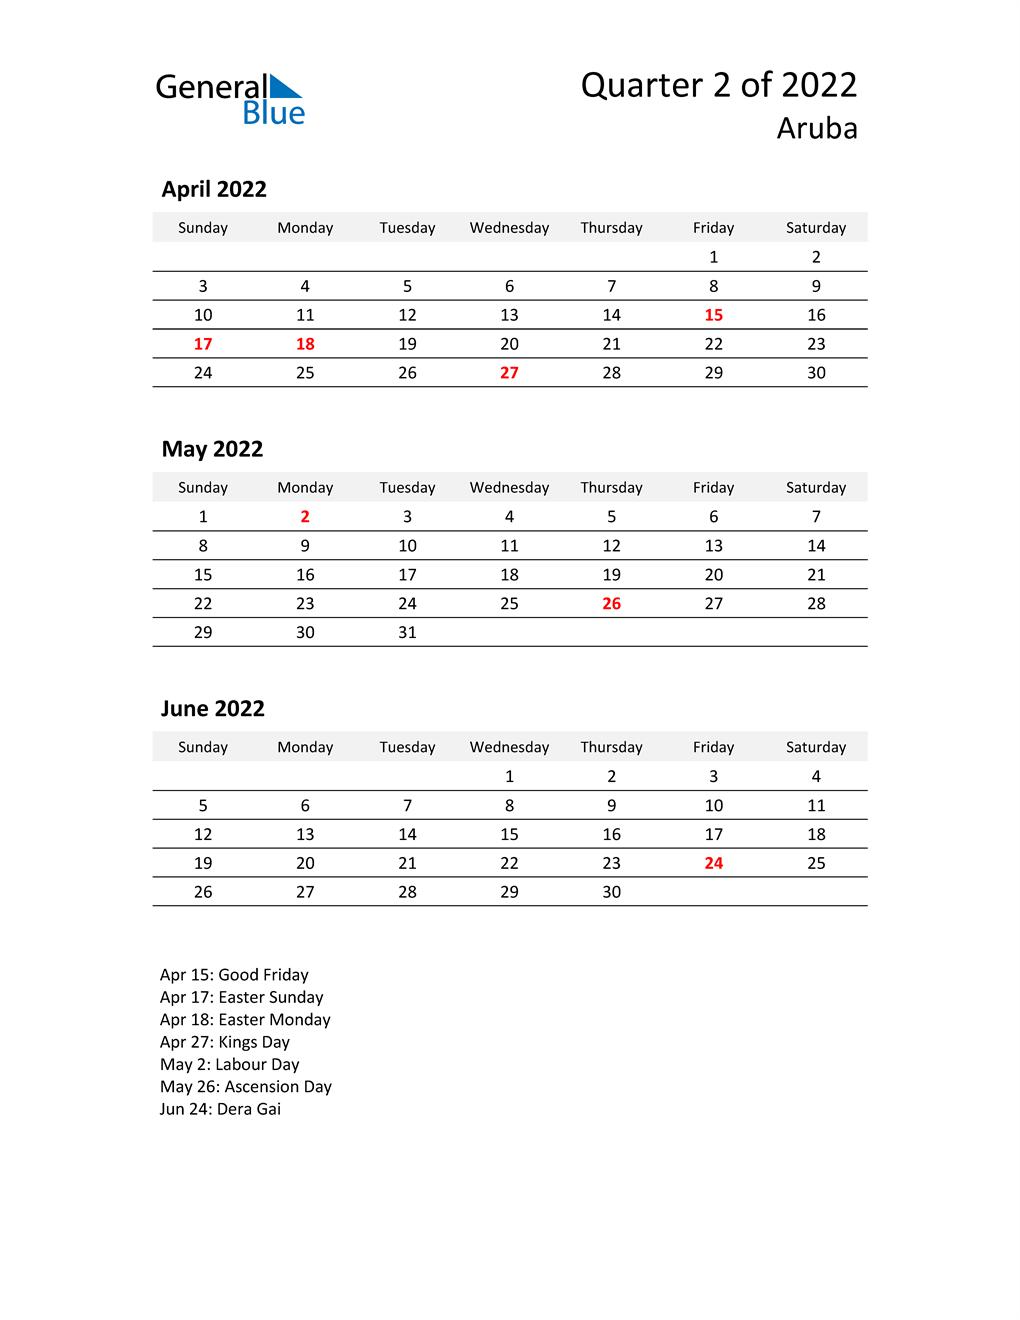 2022 Three-Month Calendar for Aruba